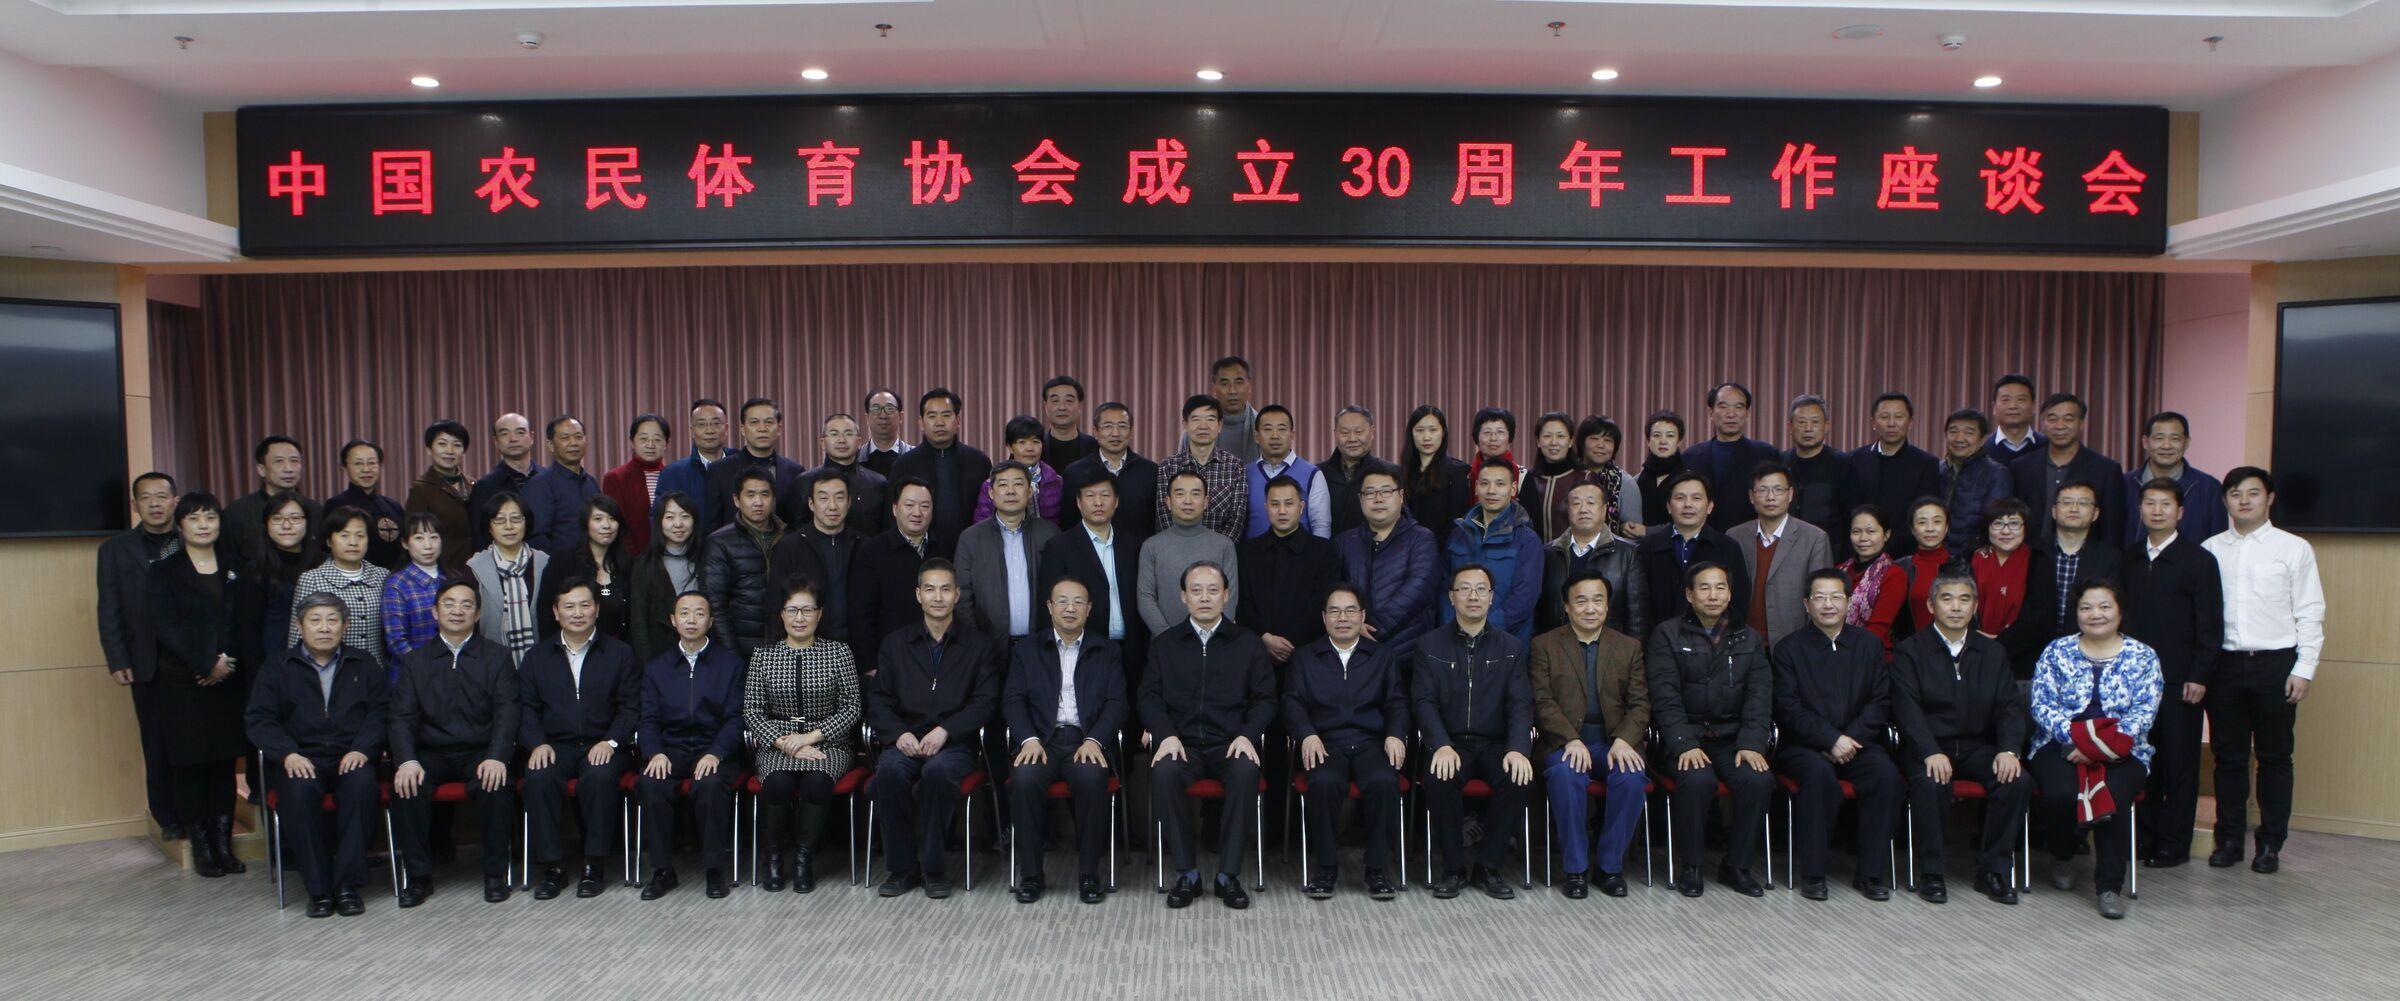 中国农民体协成立30周年座谈会在京举行